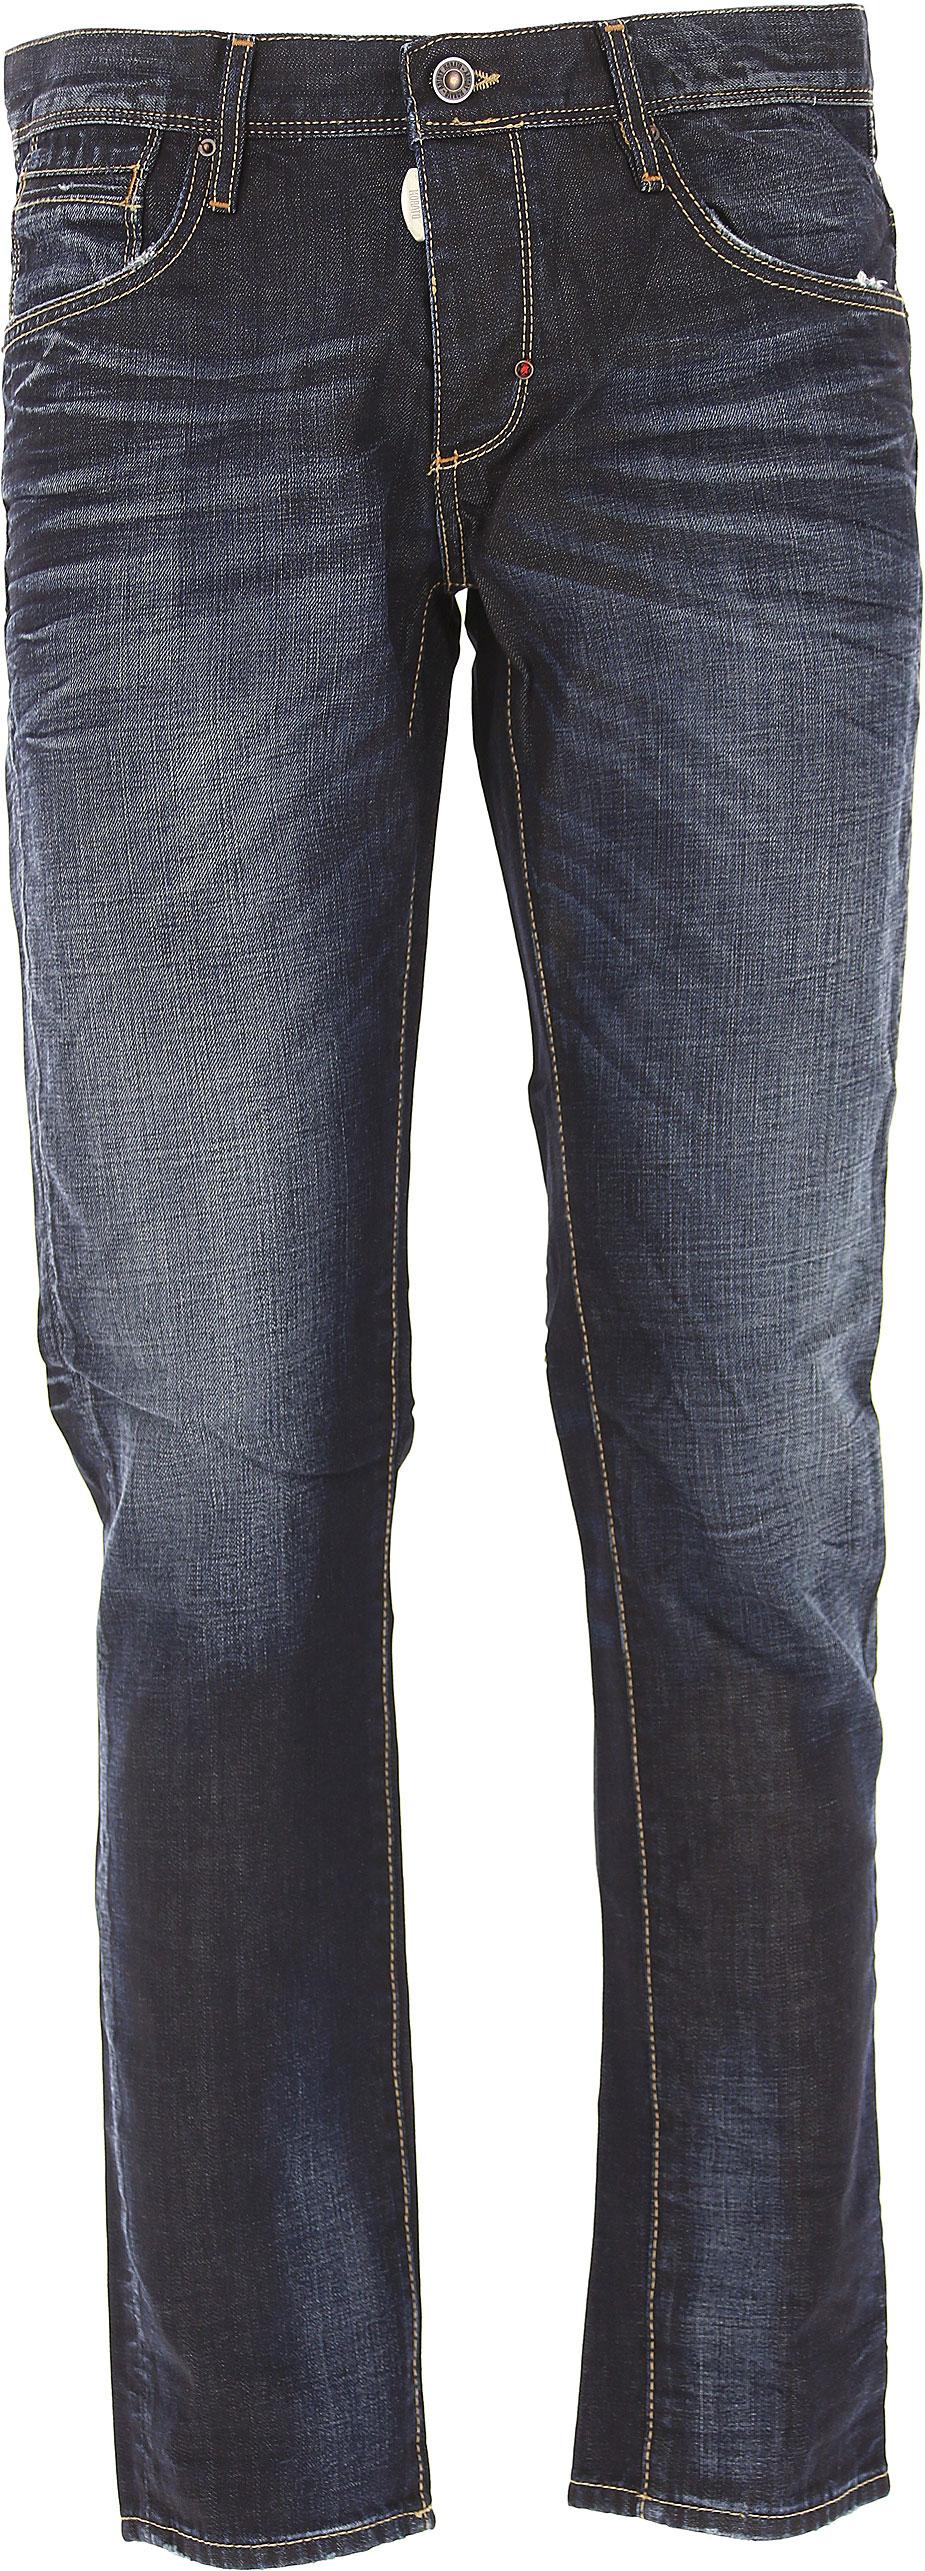 7010 Abbigliamento Codice Uomo Morato Articolo mm0t00094 Abbigliamento fa700041 Antony Uomo PwUnxPv